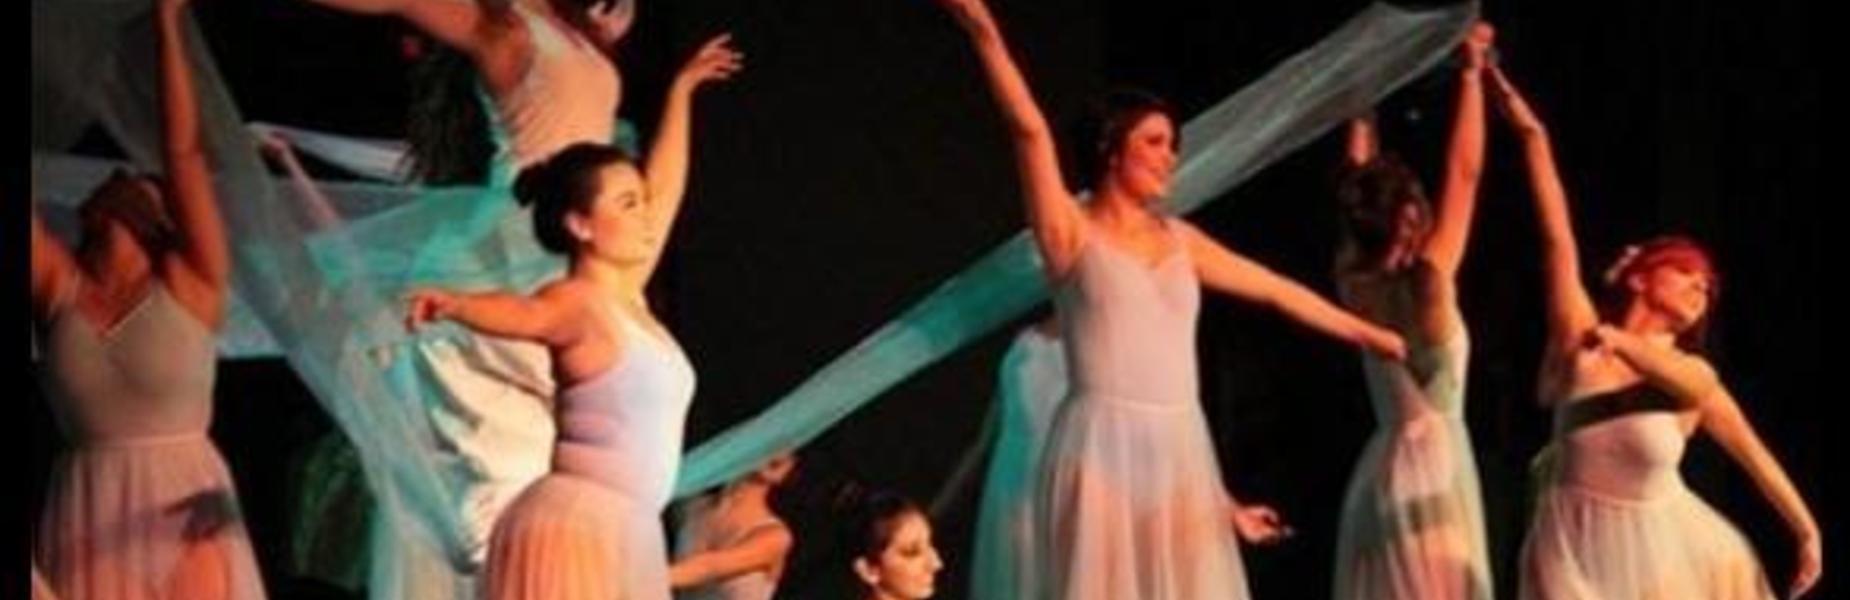 VDL Dance 1